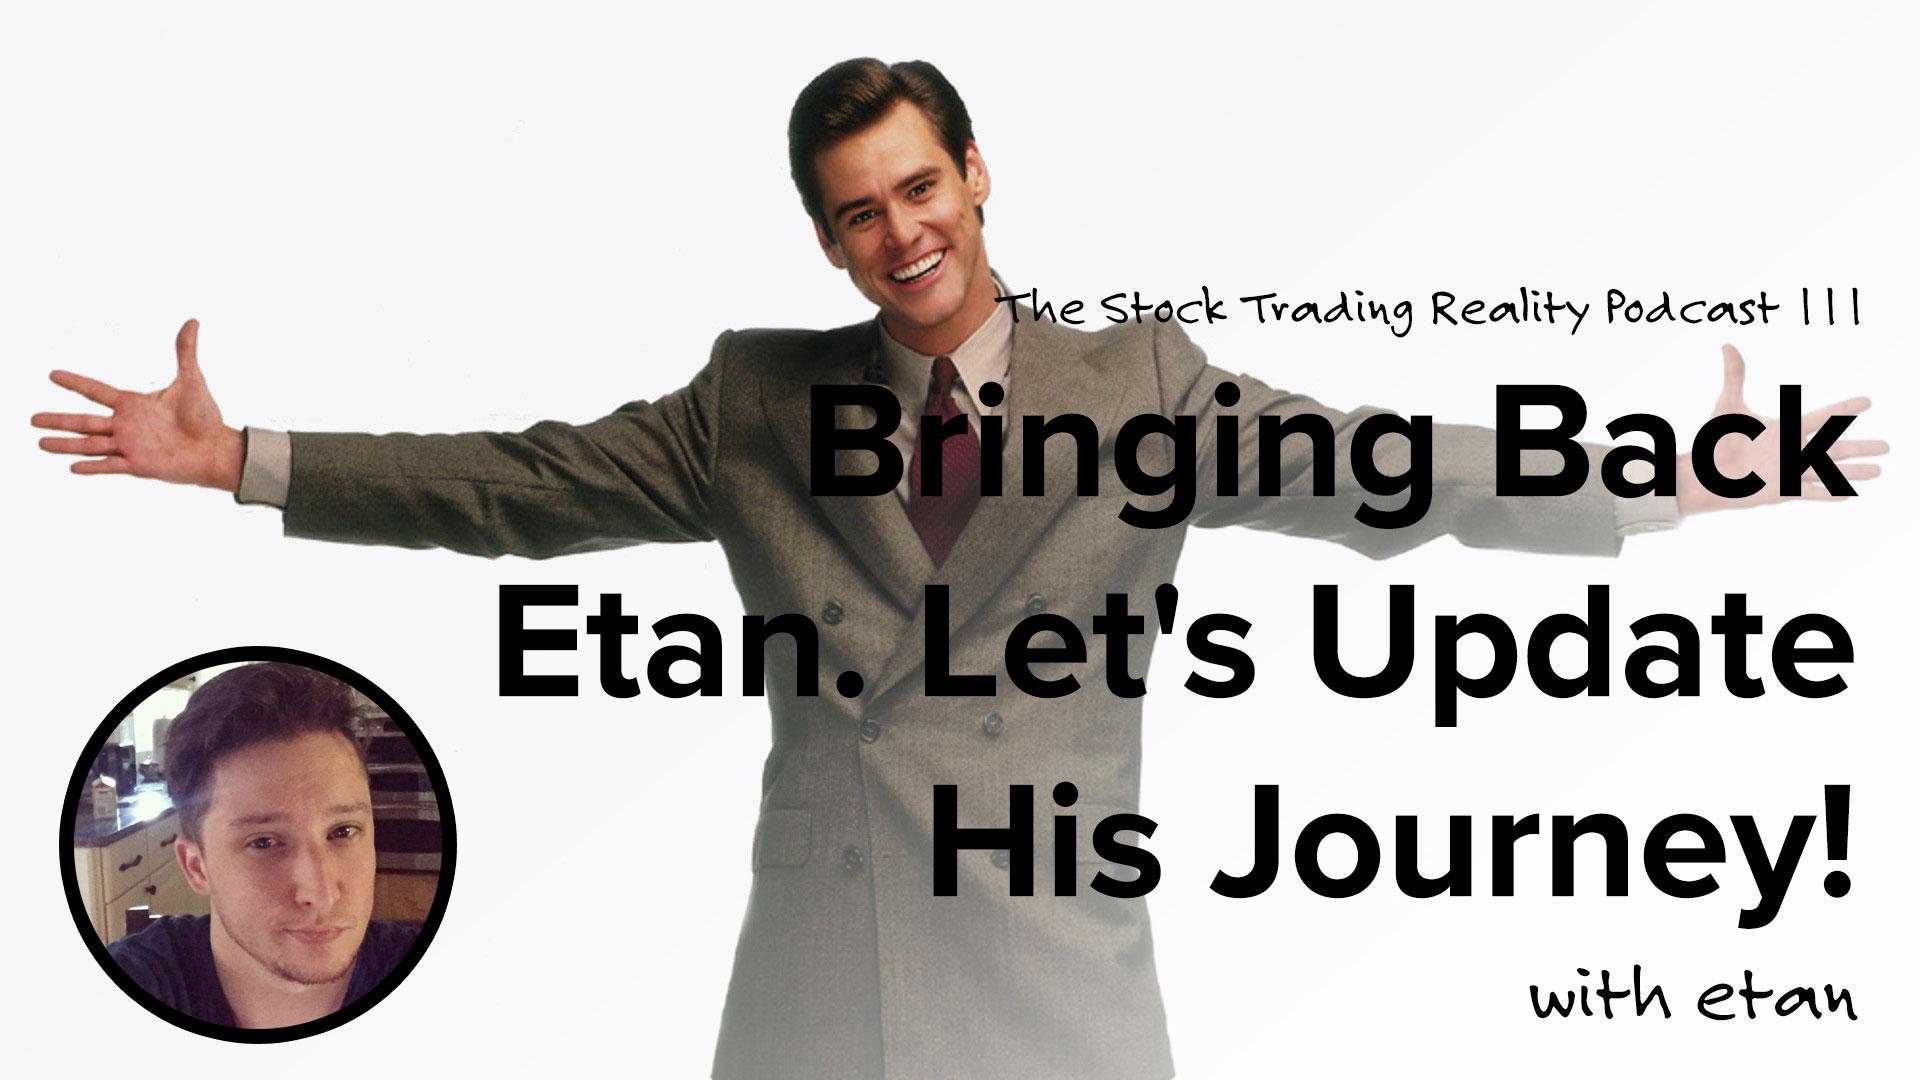 STR 111: Bringing Back Etan. Let's Update His Journey!